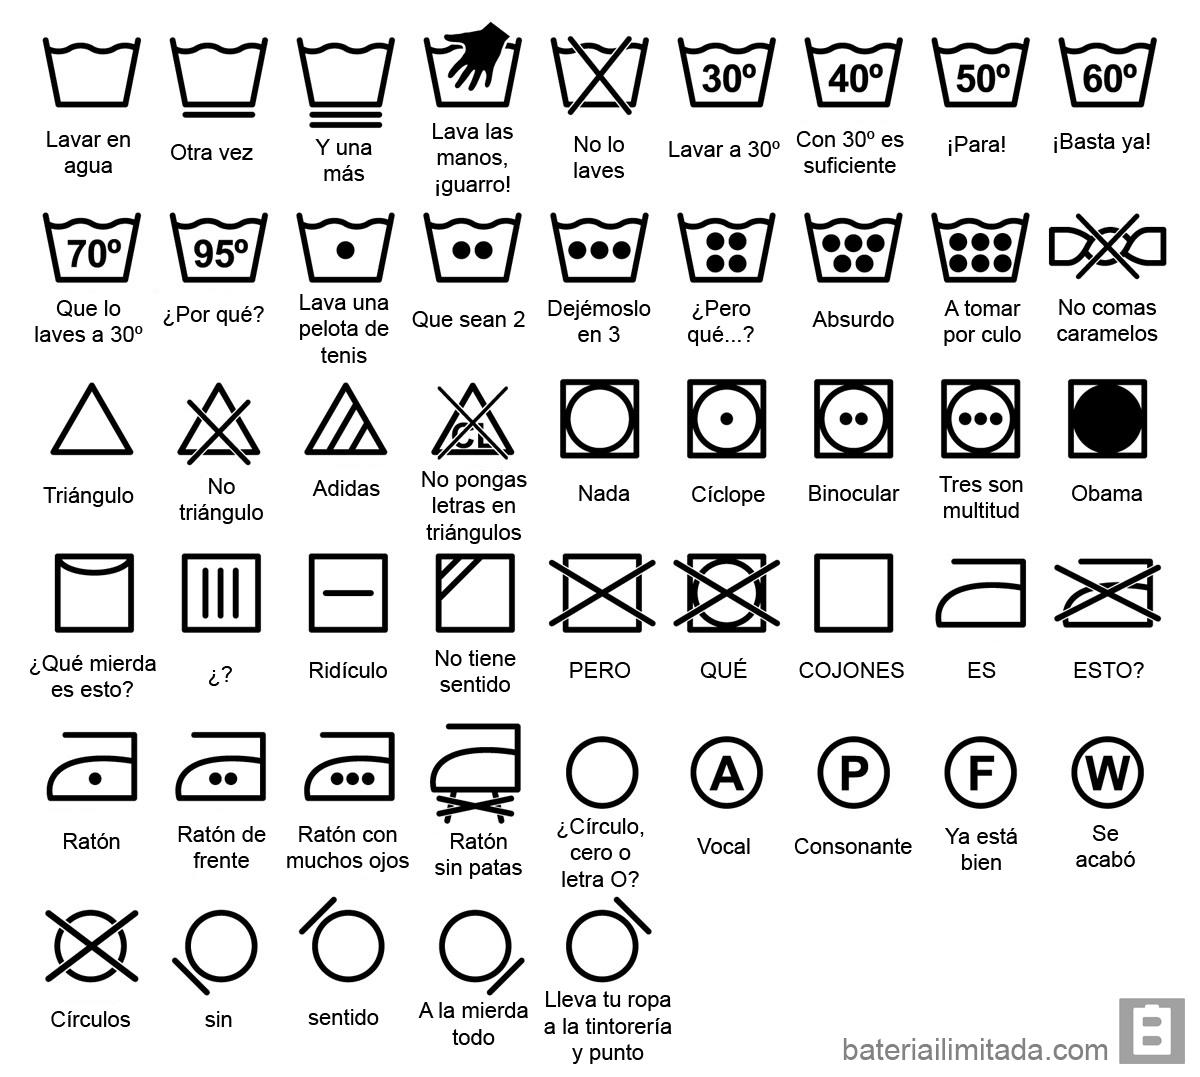 Símbolos para el lavado de la ropa y su significado